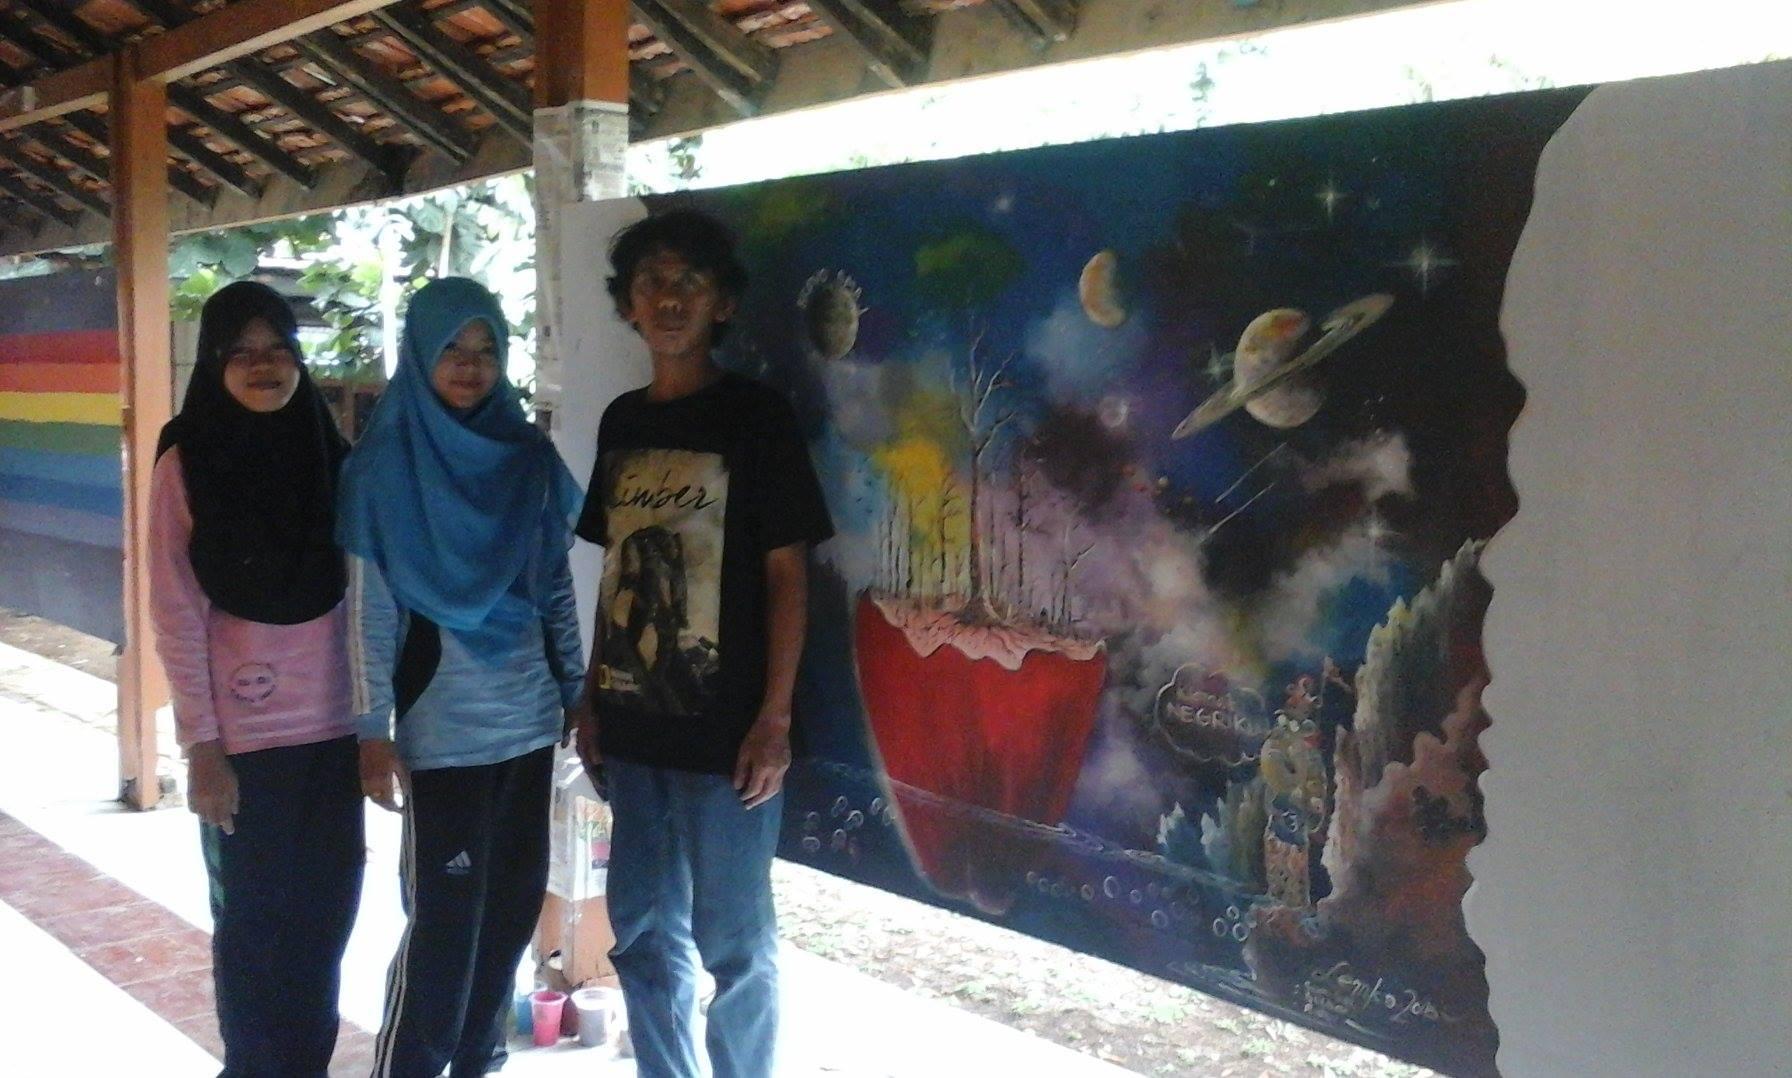 Kaligrafi Kontemporer Ustadz Poniman tim bersama dalam lomba mural.. 122